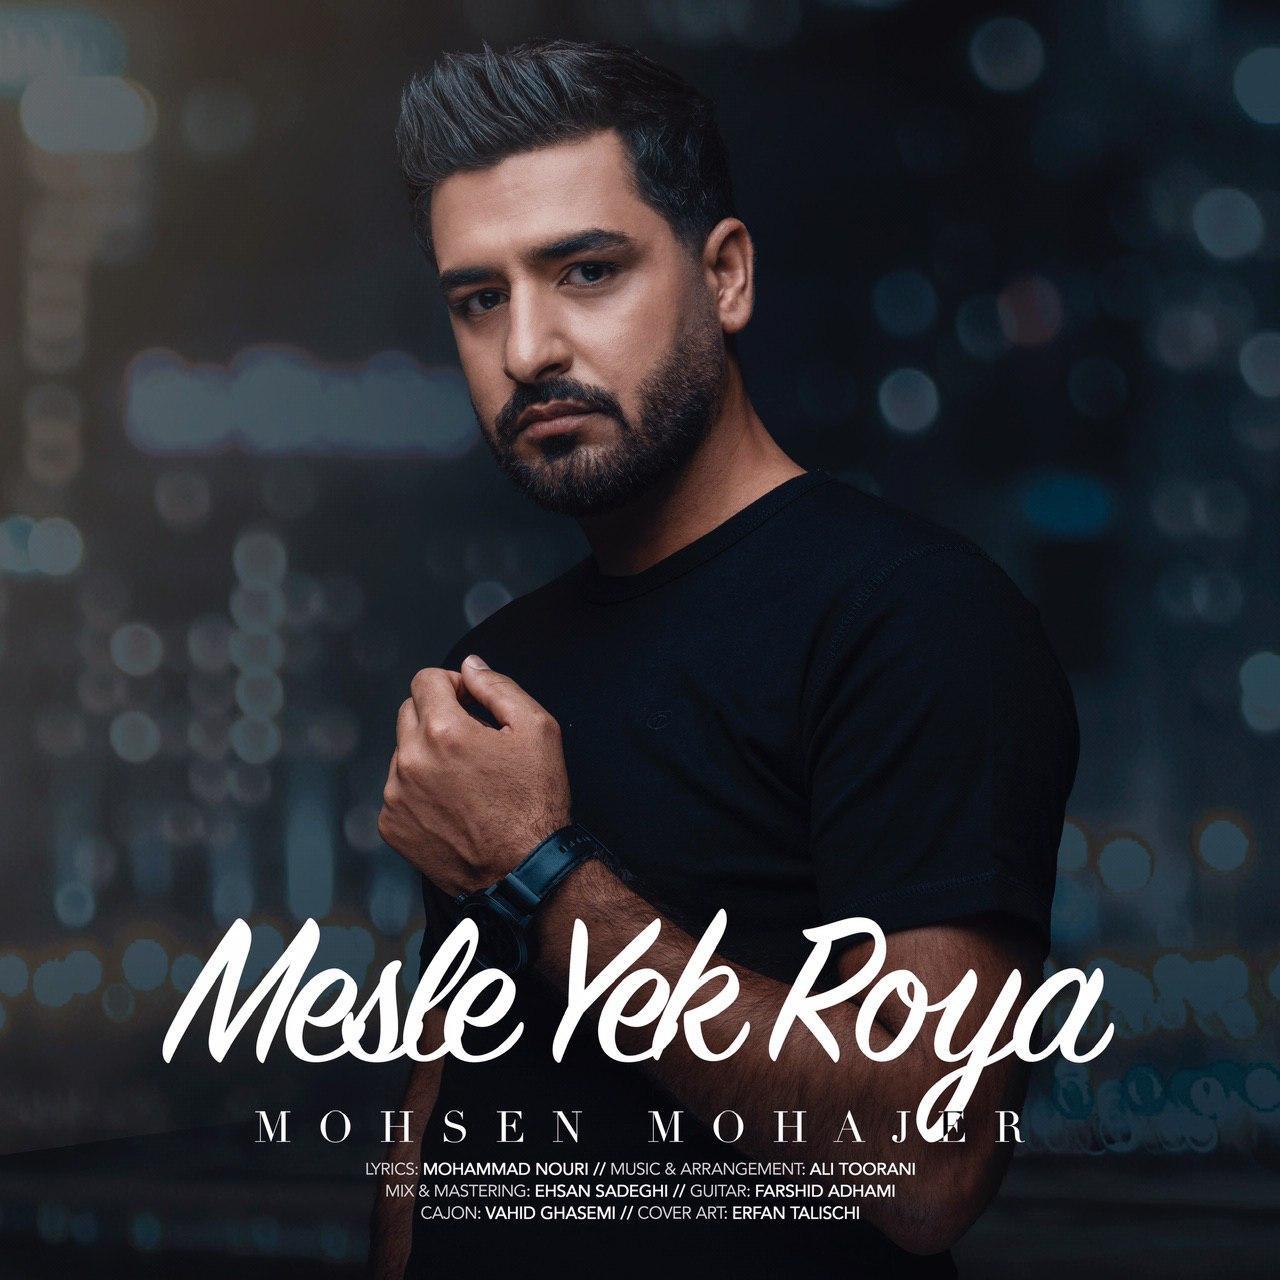 Mohsen Mohajer – Mesle Yek Roya